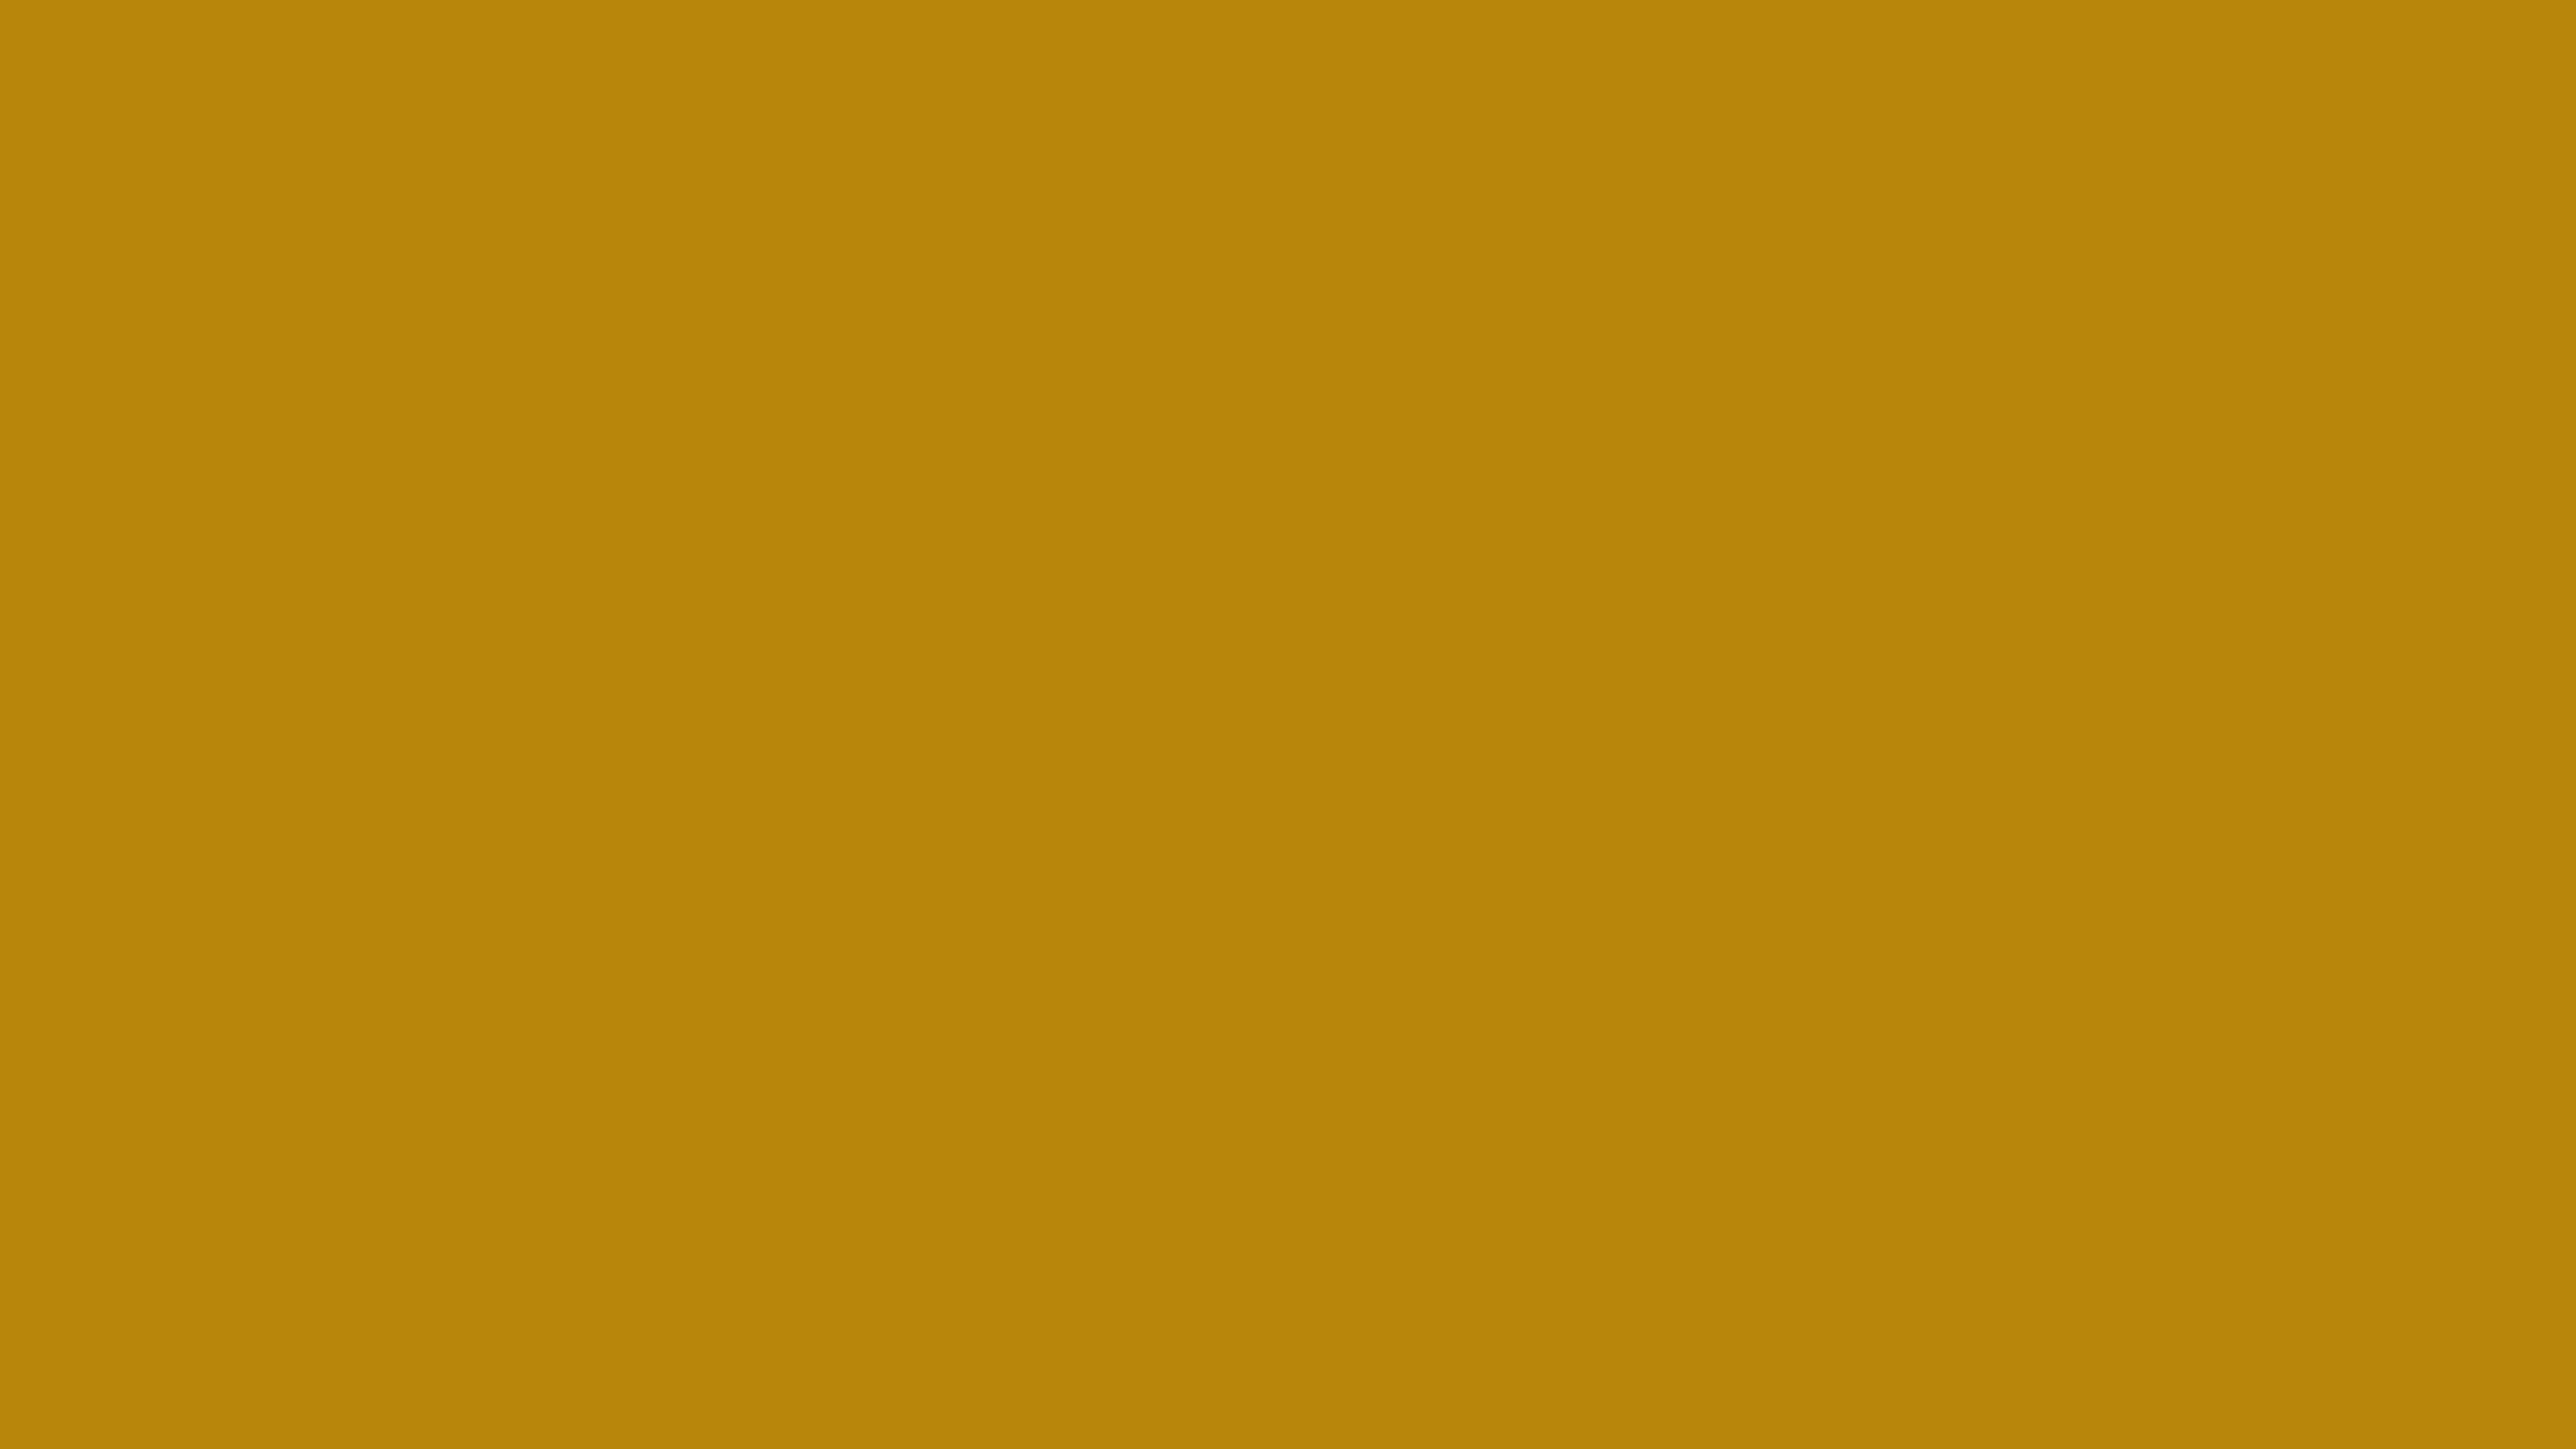 4096x2304 Dark Goldenrod Solid Color Background